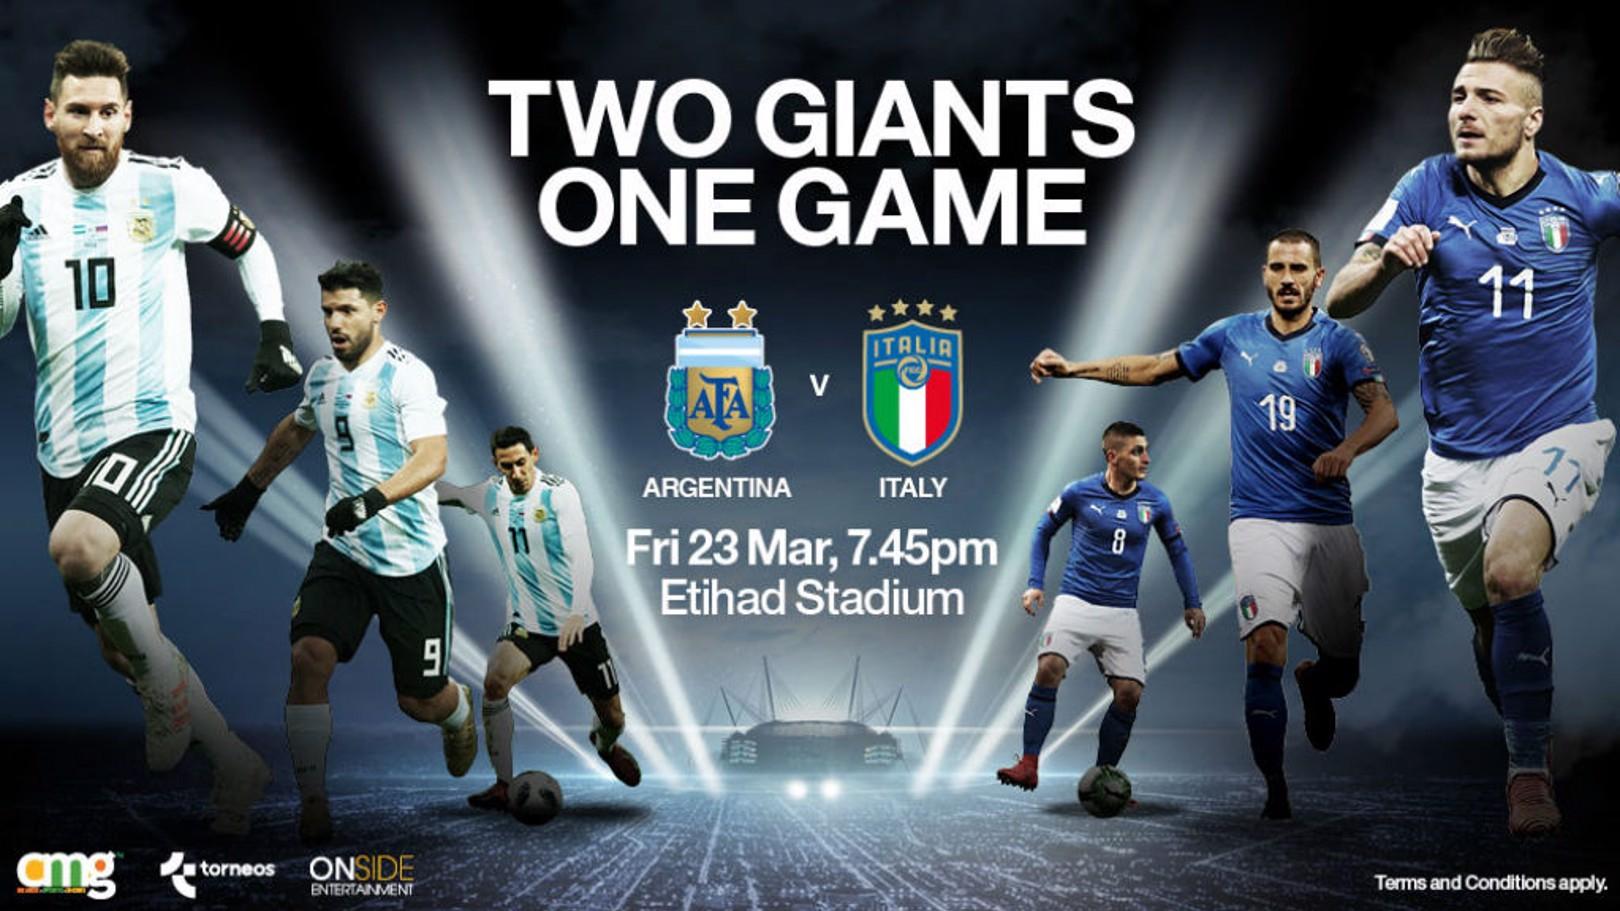 City to host Argentina v Italy friendly